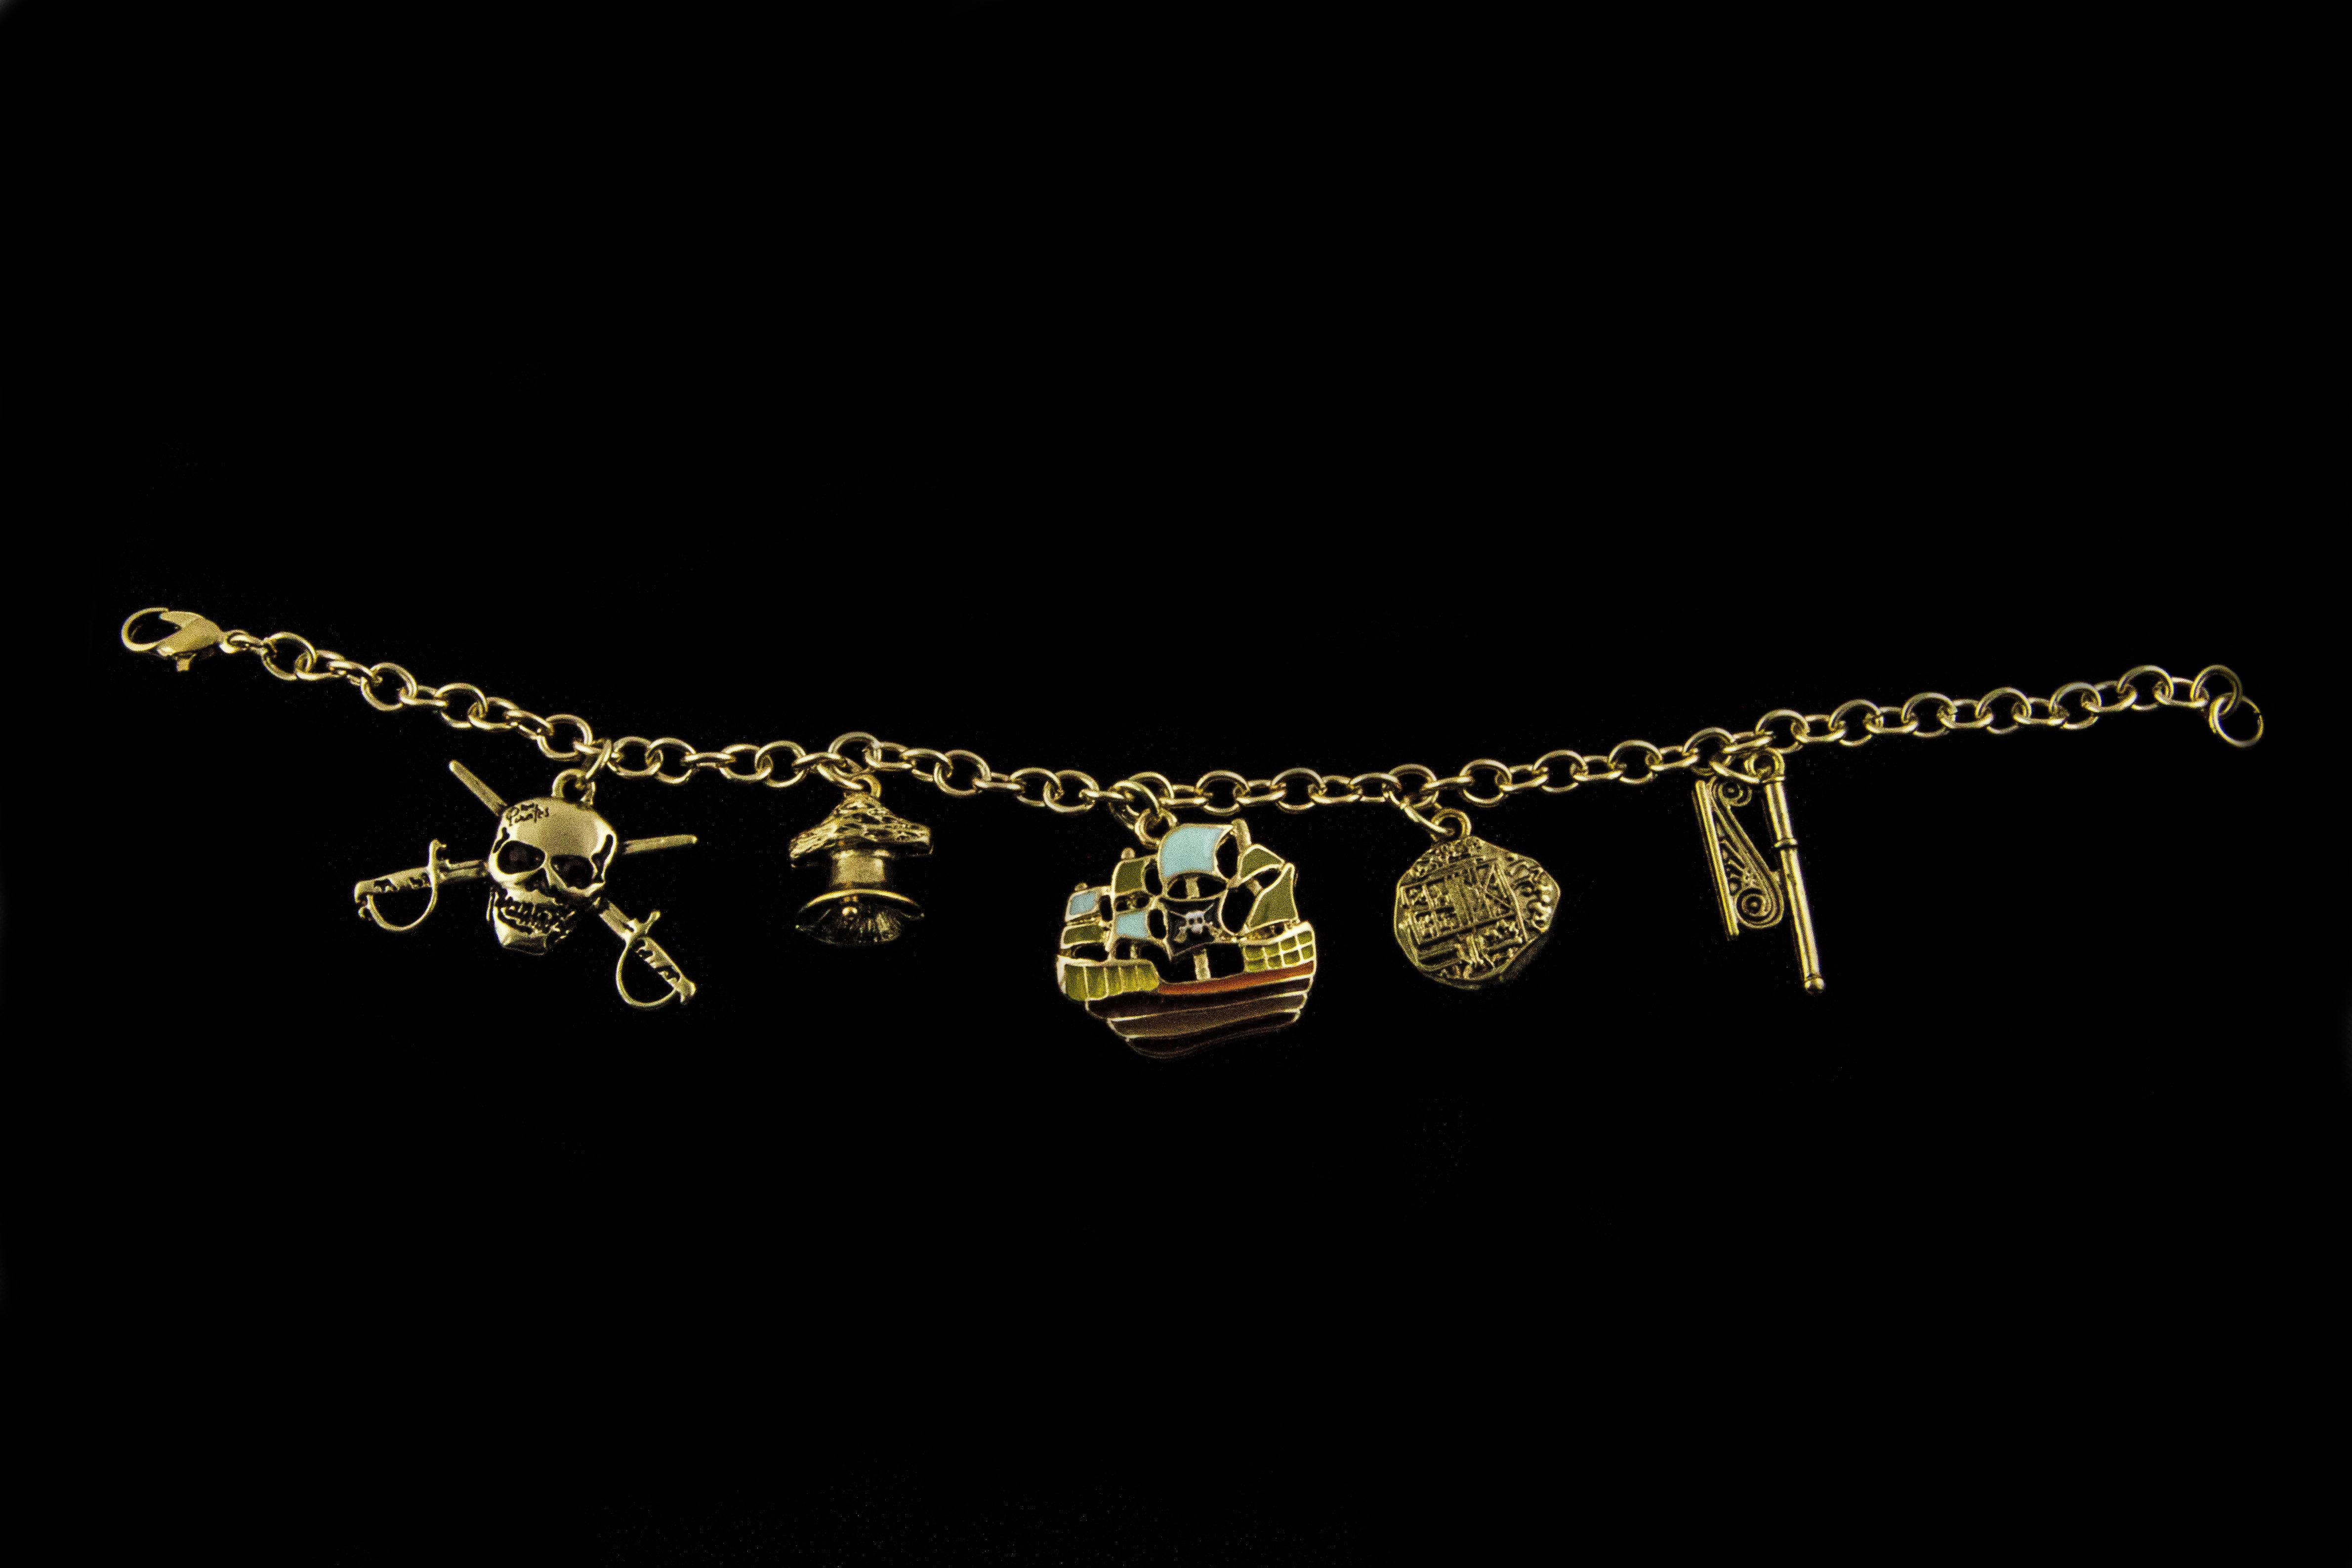 5 piece Charm Bracelet